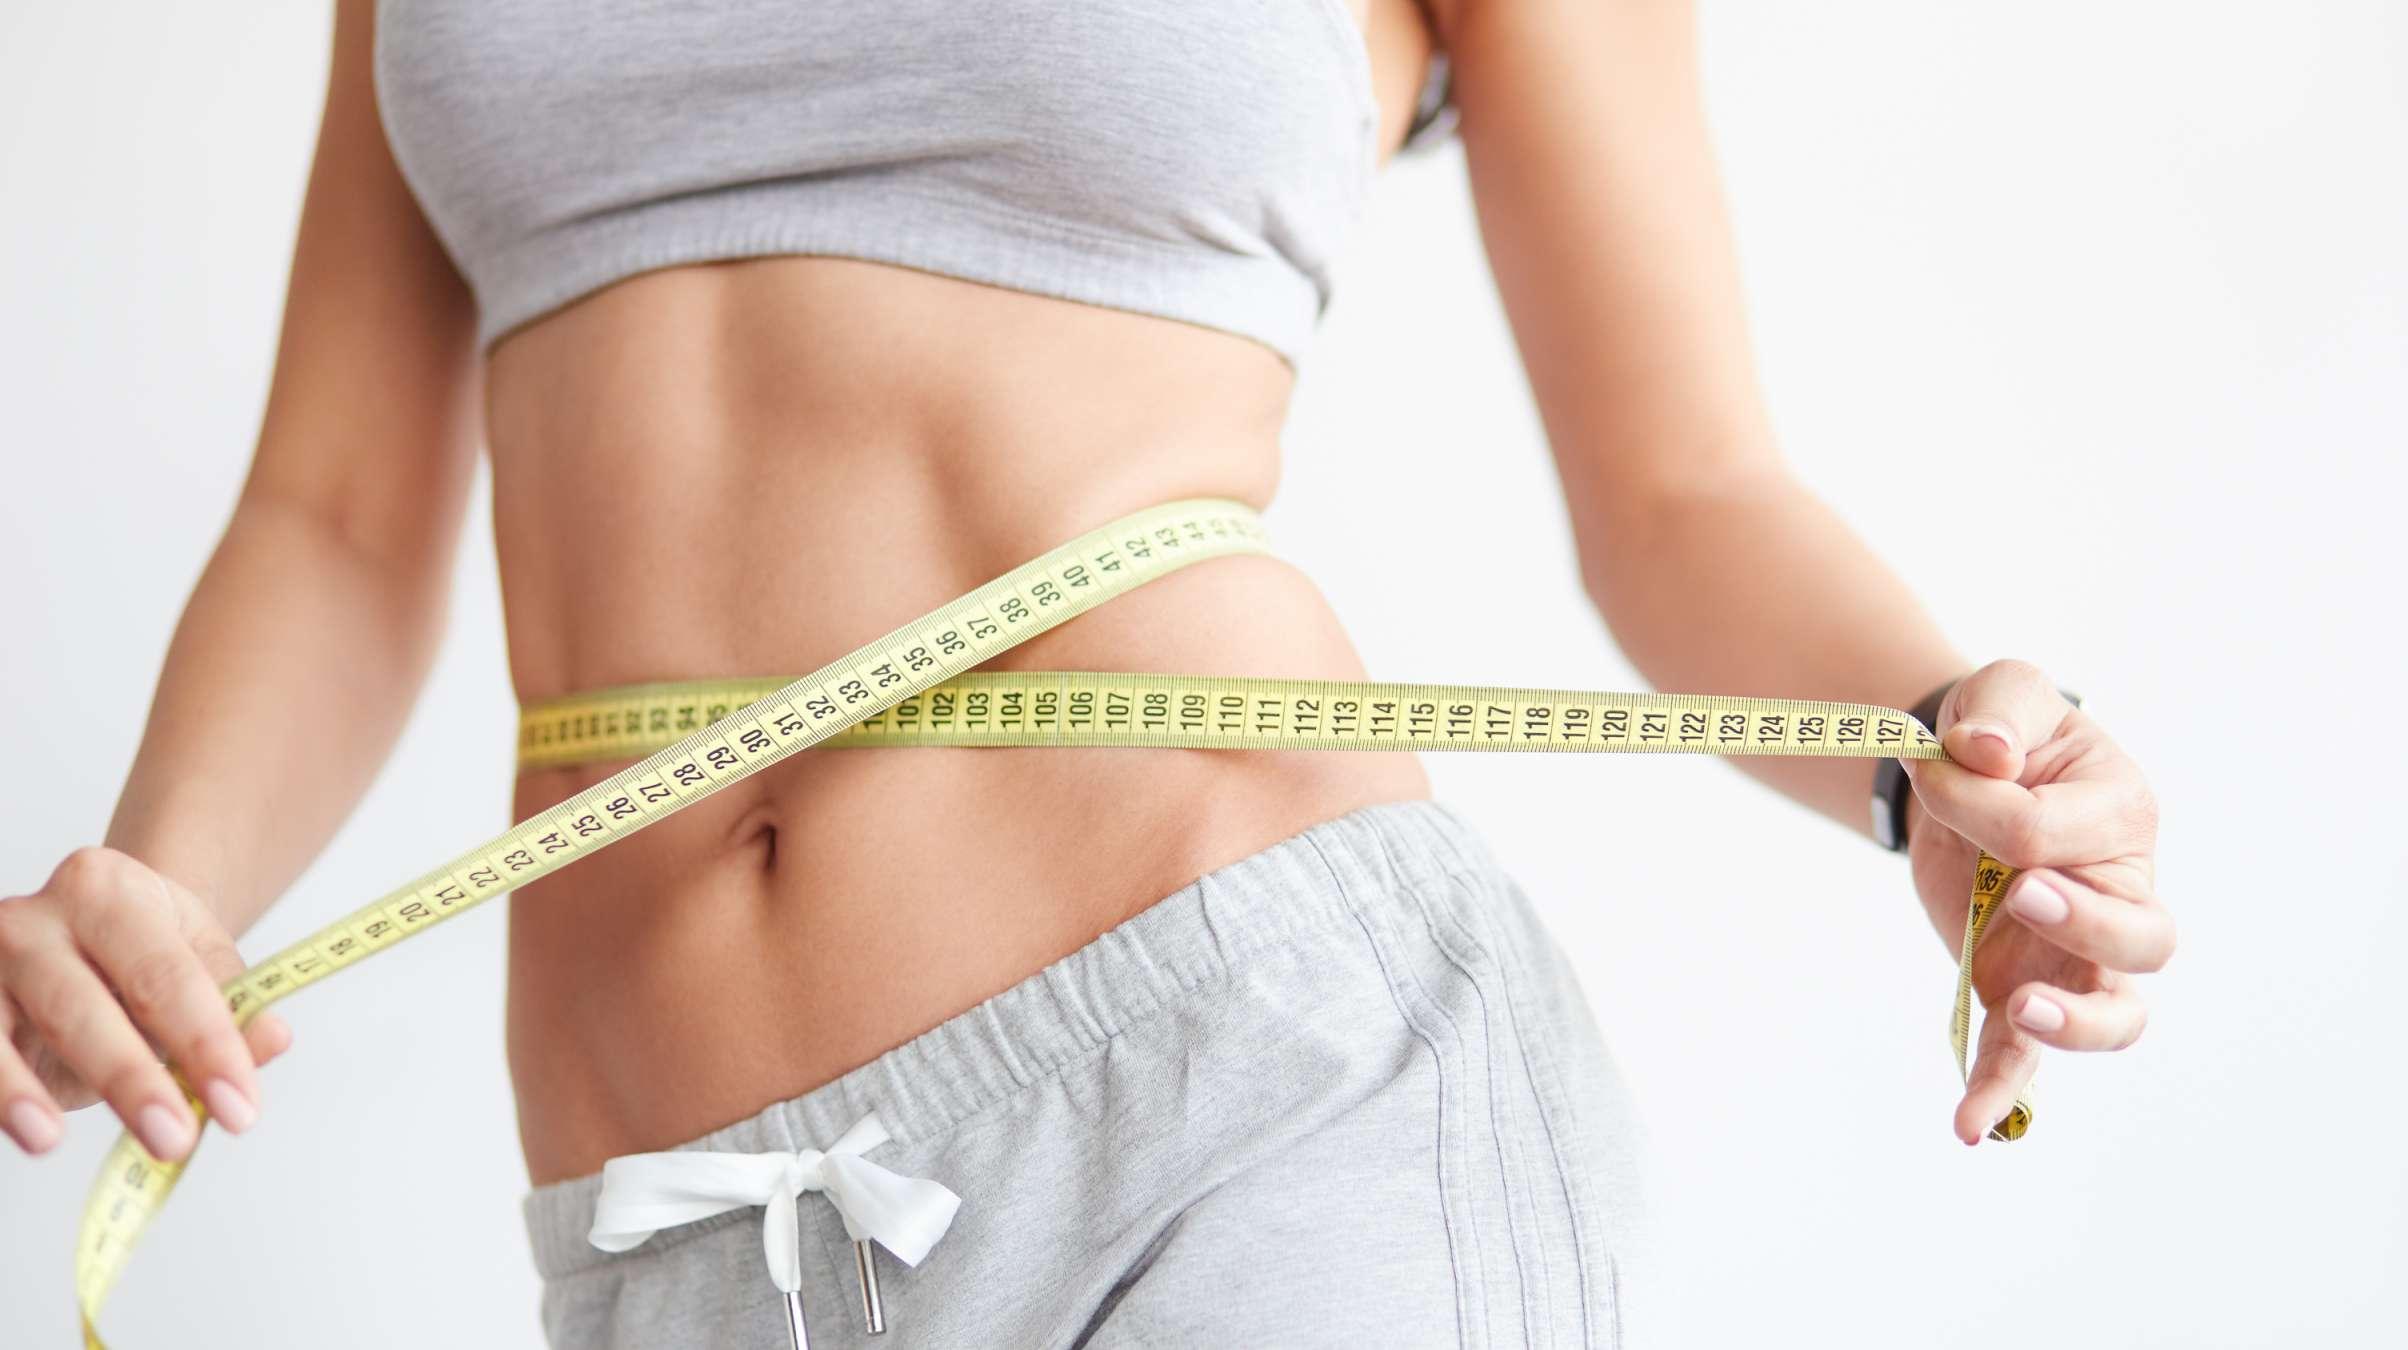 Начало Похудения С Чего Начинать. Пошаговая система с чего начать похудение в домашних условиях